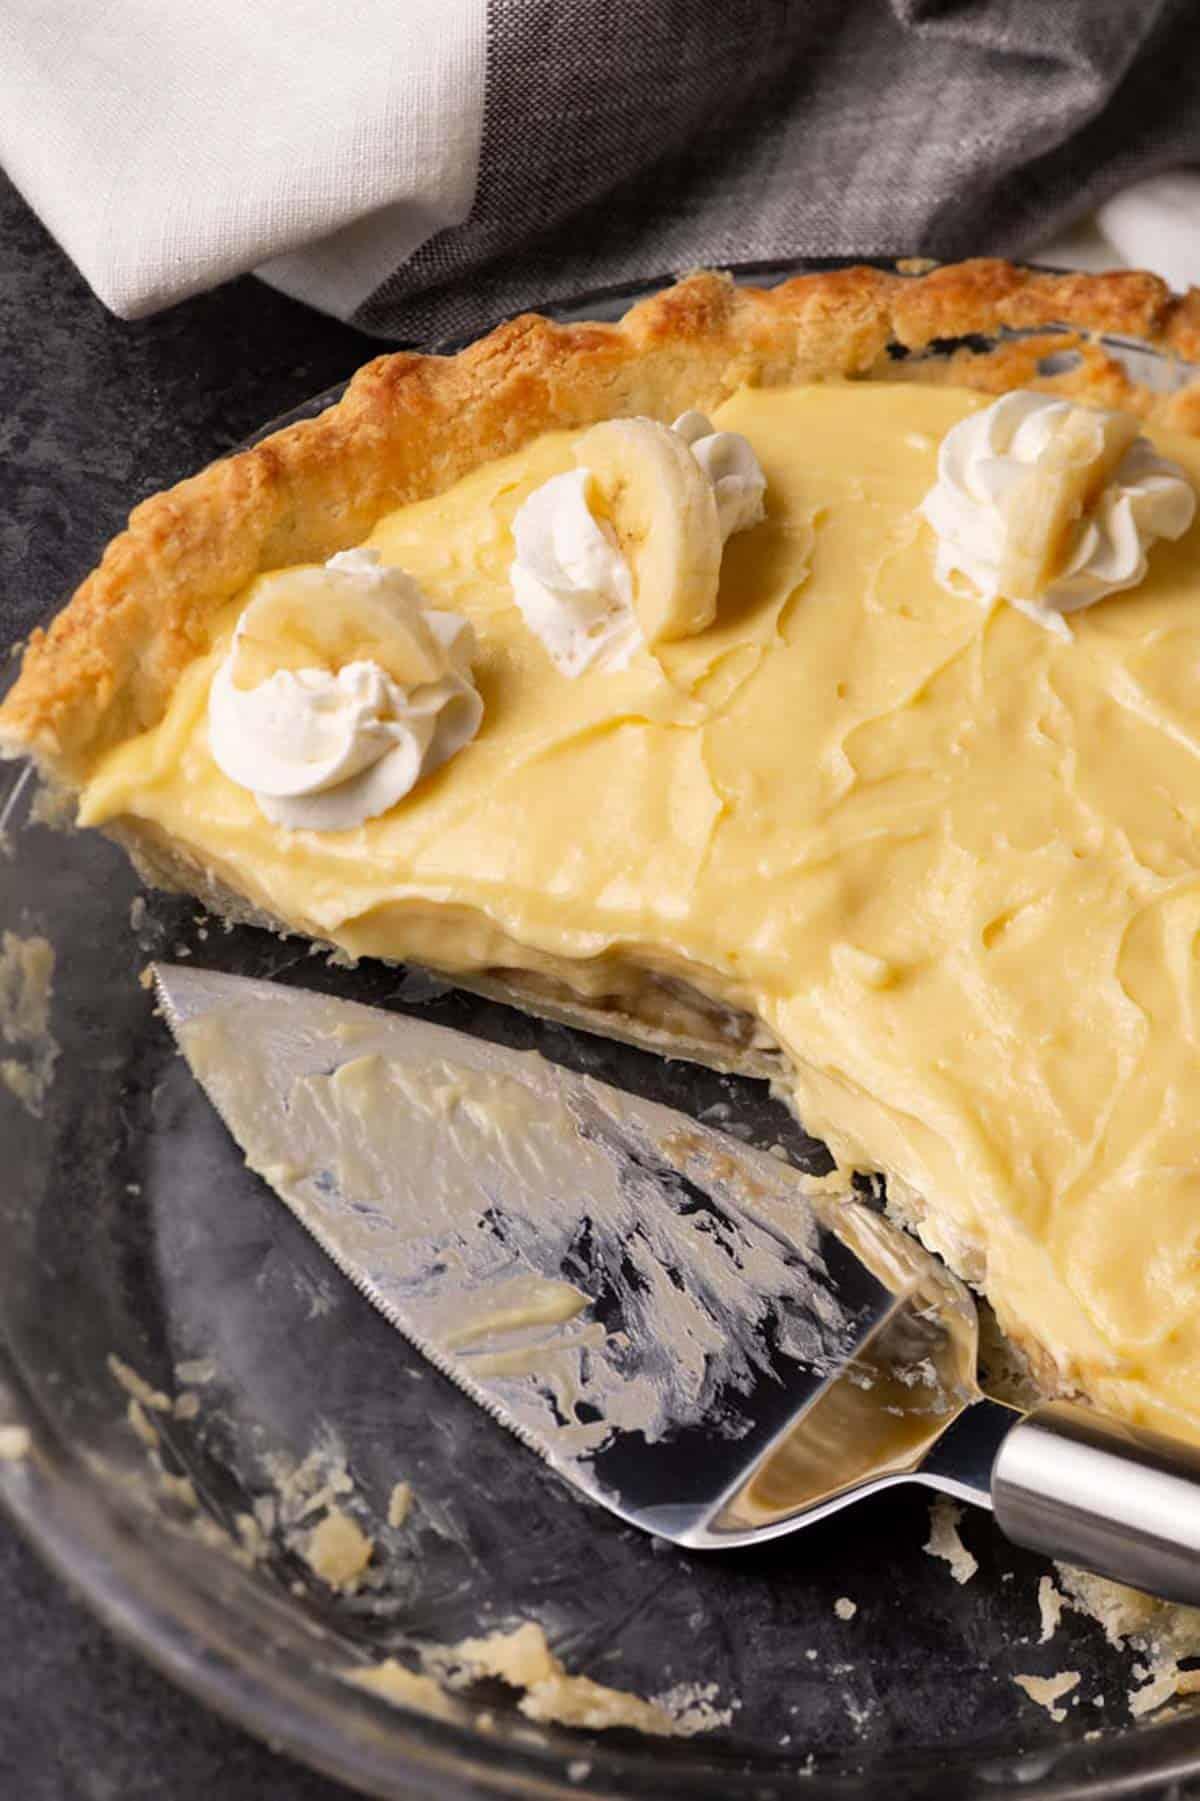 Part of. a banana cream pie with a pie server.